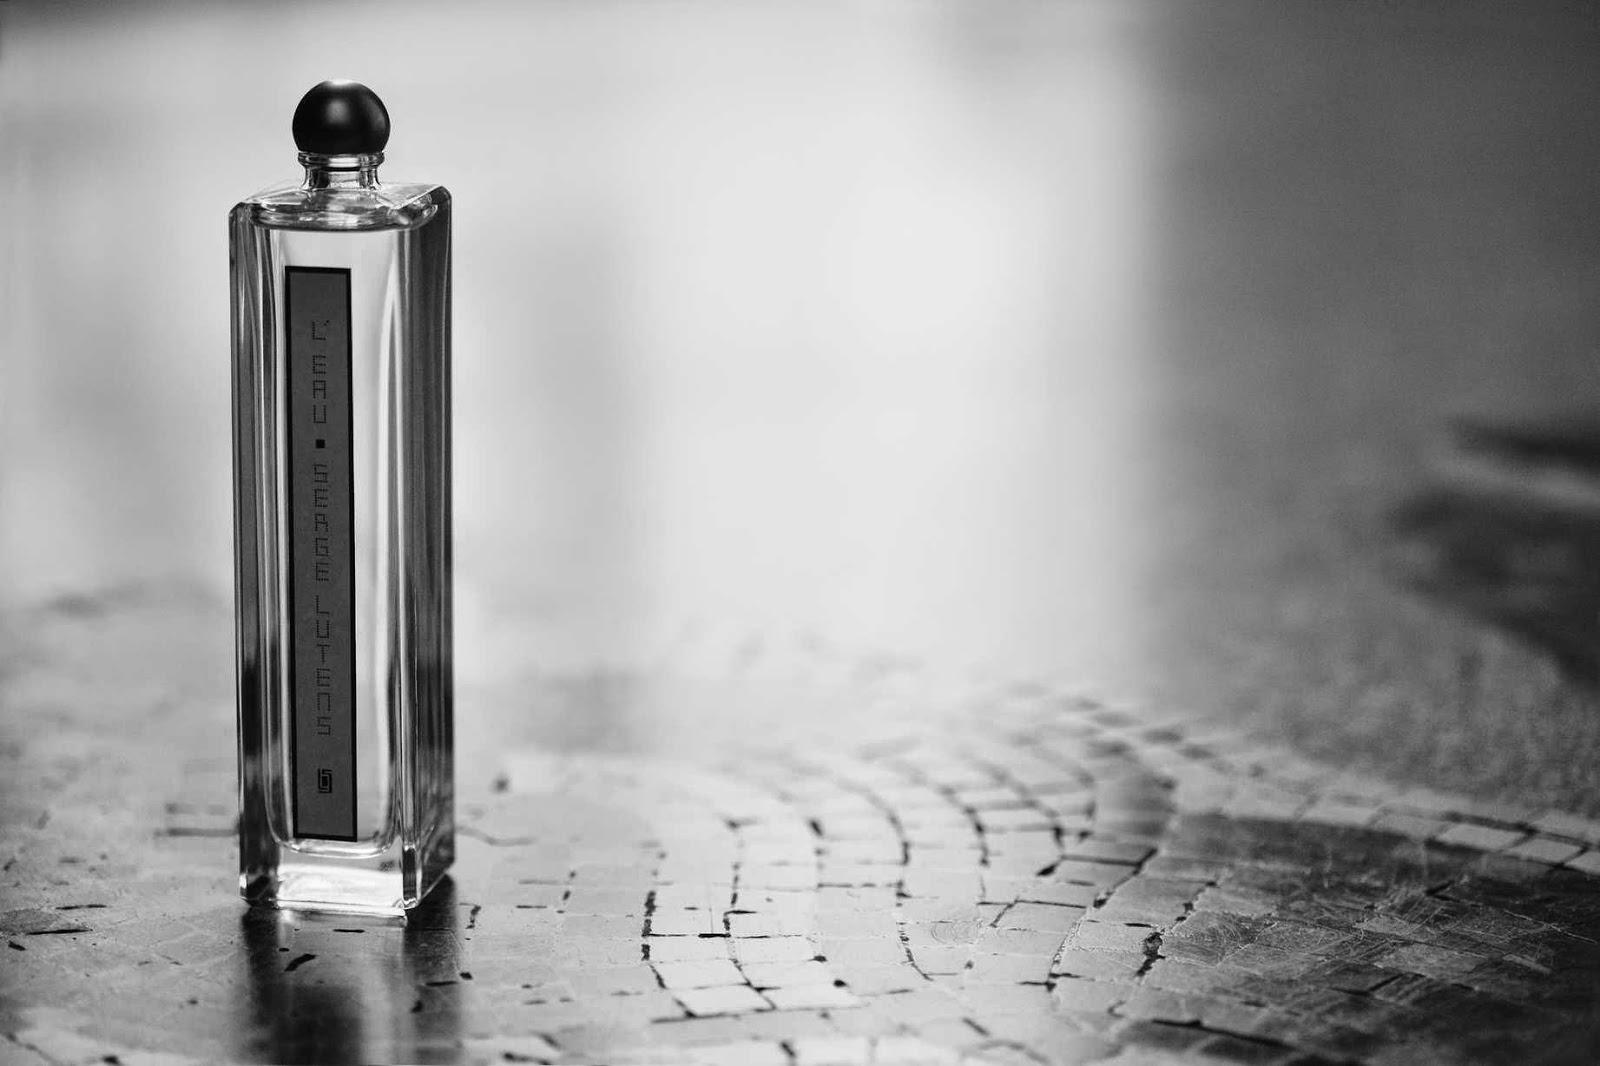 http://poivrebleu.com/2009/11/27/serge-lutens-anti-parfum-eau-propre-hyperfonction/